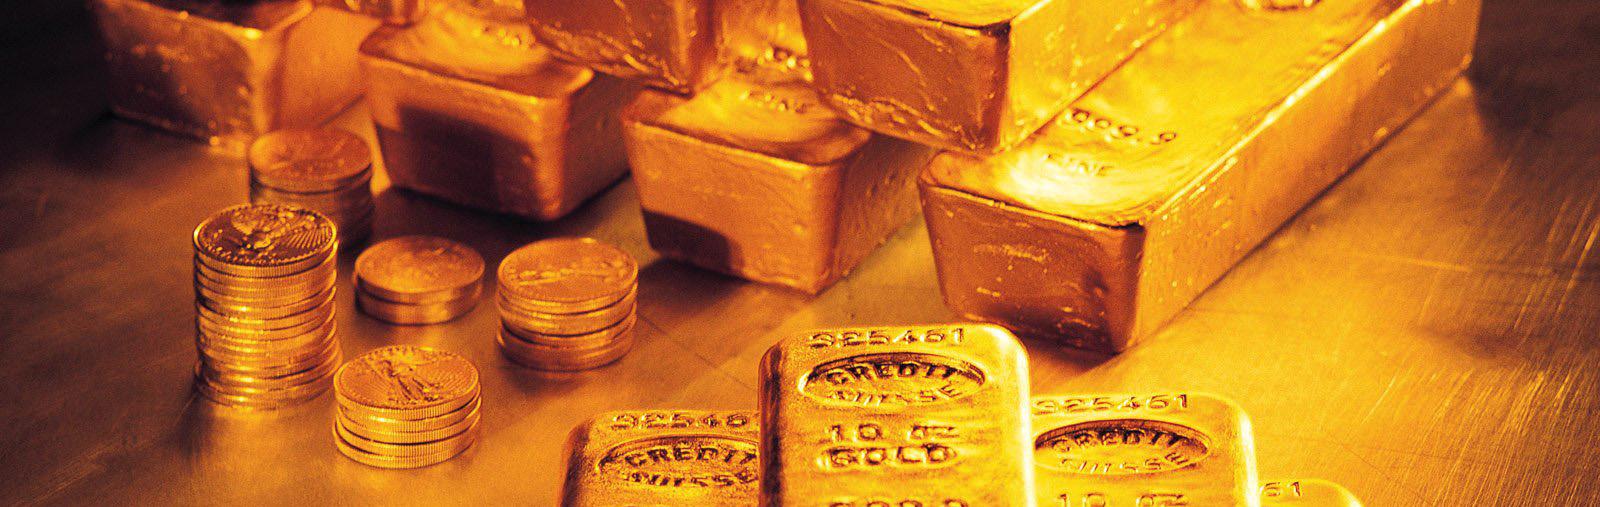 بازار داخلی طلا در آستانه شوک قیمتی/ نرخ سکه 20 هزار تومان کاهش می یابد